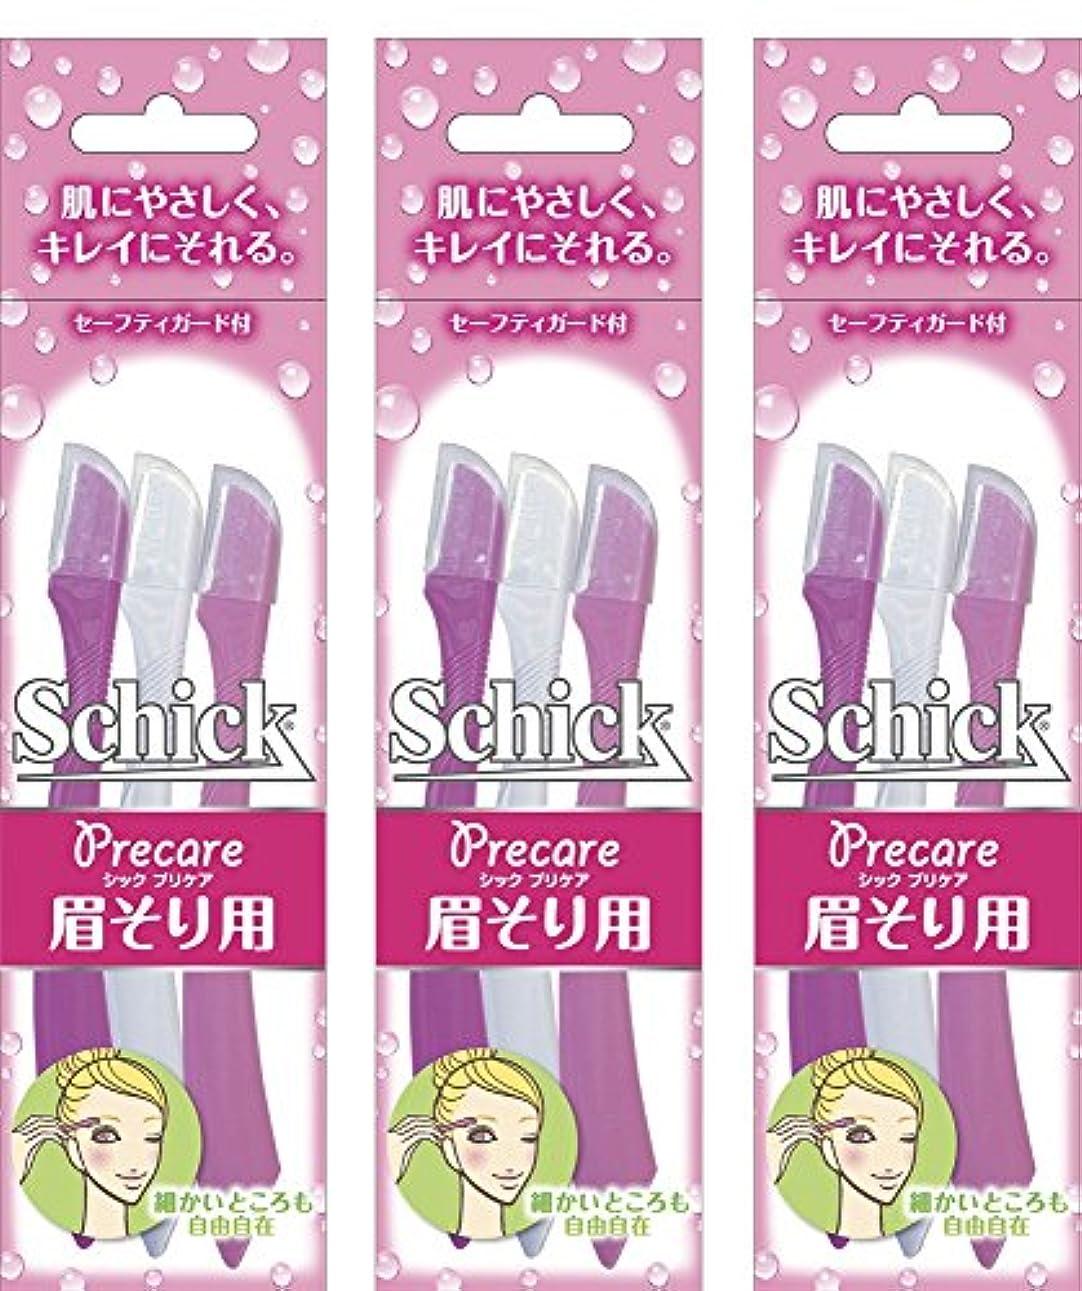 バラ色生むシュリンクシック Schick Lディスポ 使い捨て 眉そり用 (3本入)×3個 セーフィガード付 女性 カミソリ フェイス